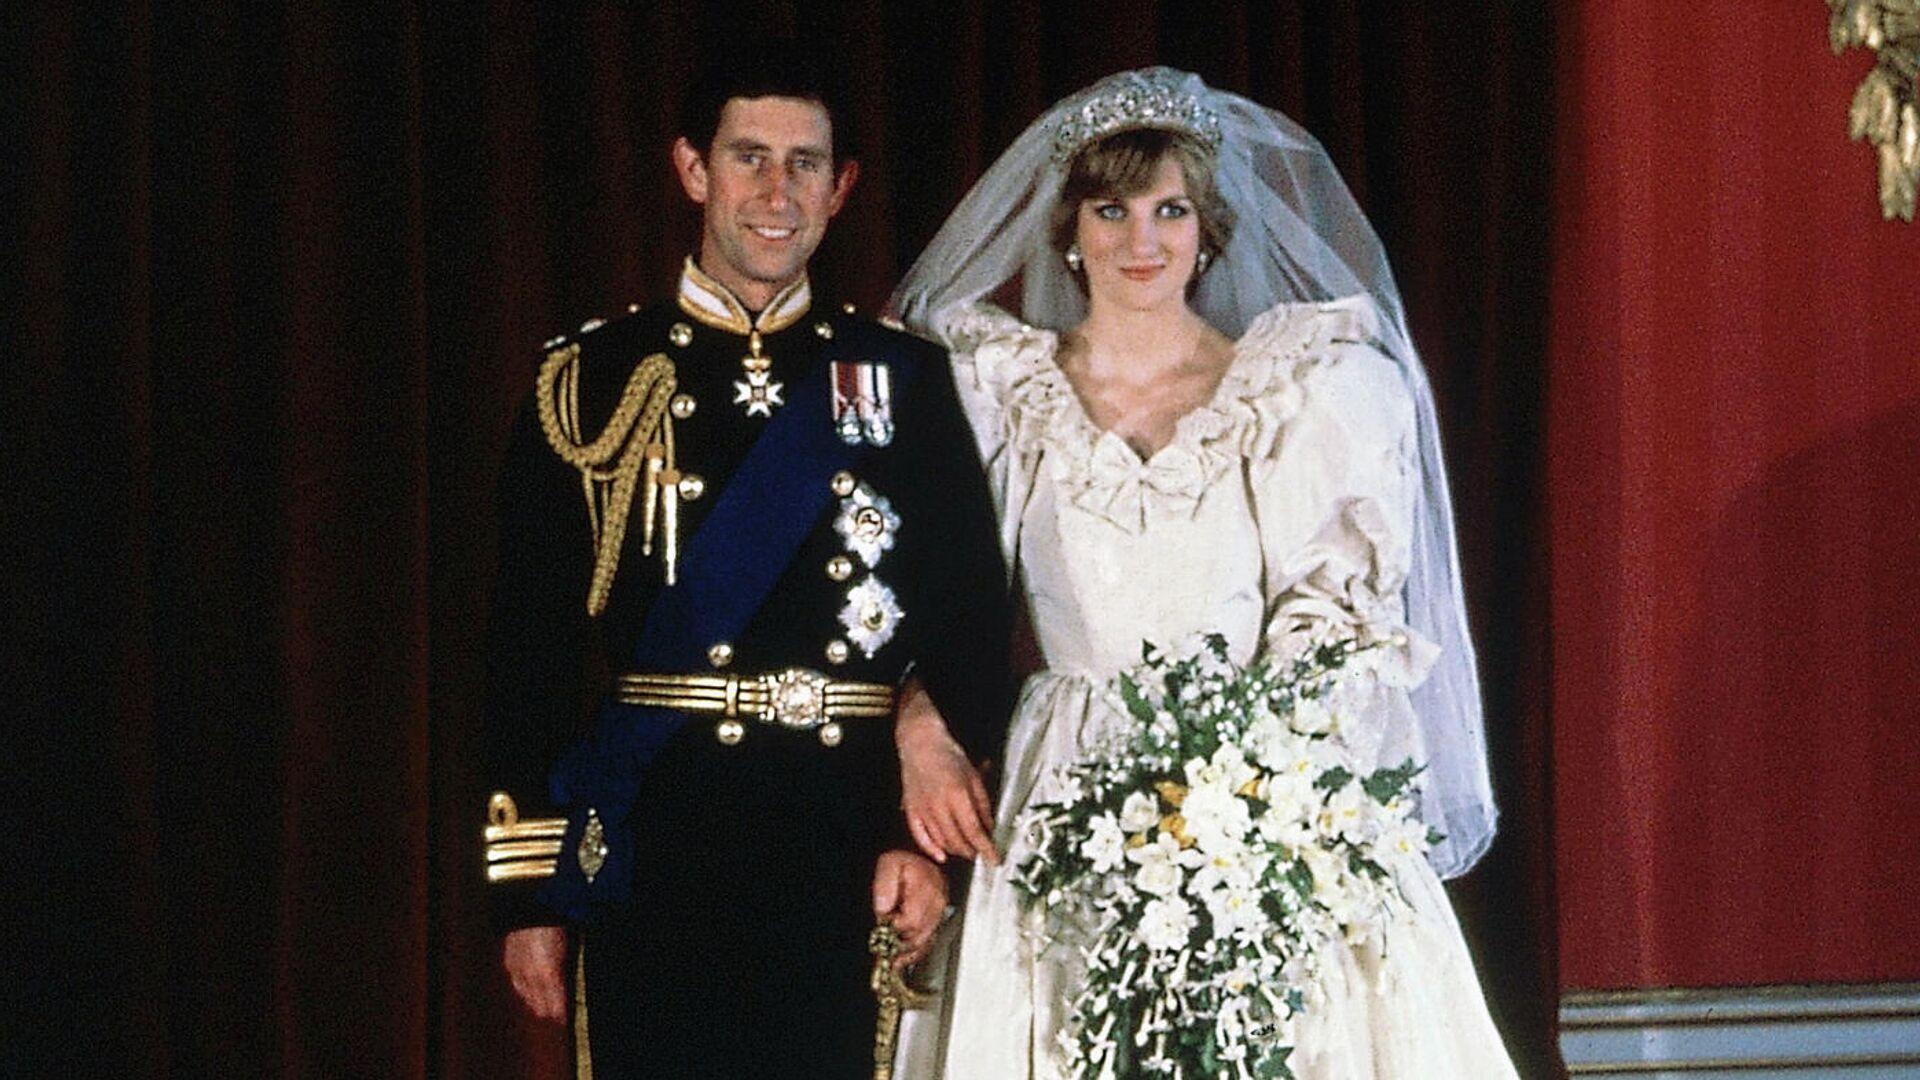 El príncipe Carlos y la princesa Diana el día de su boda - Sputnik Mundo, 1920, 08.08.2021